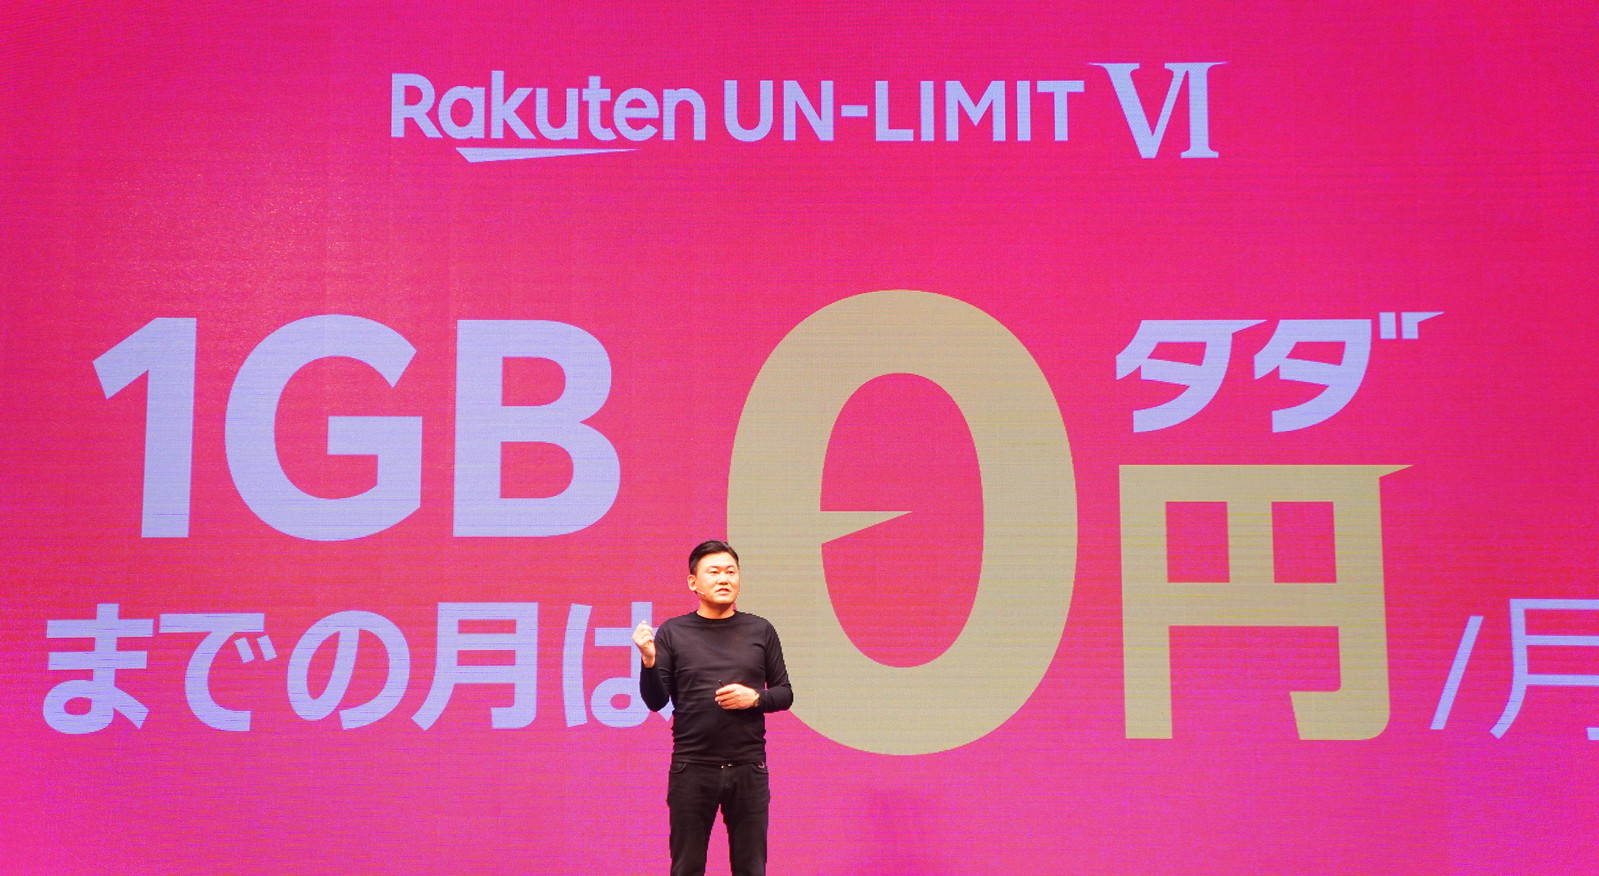 速報:楽天モバイルの新プランは1GB無料。20GBまで1980円でahamo対抗